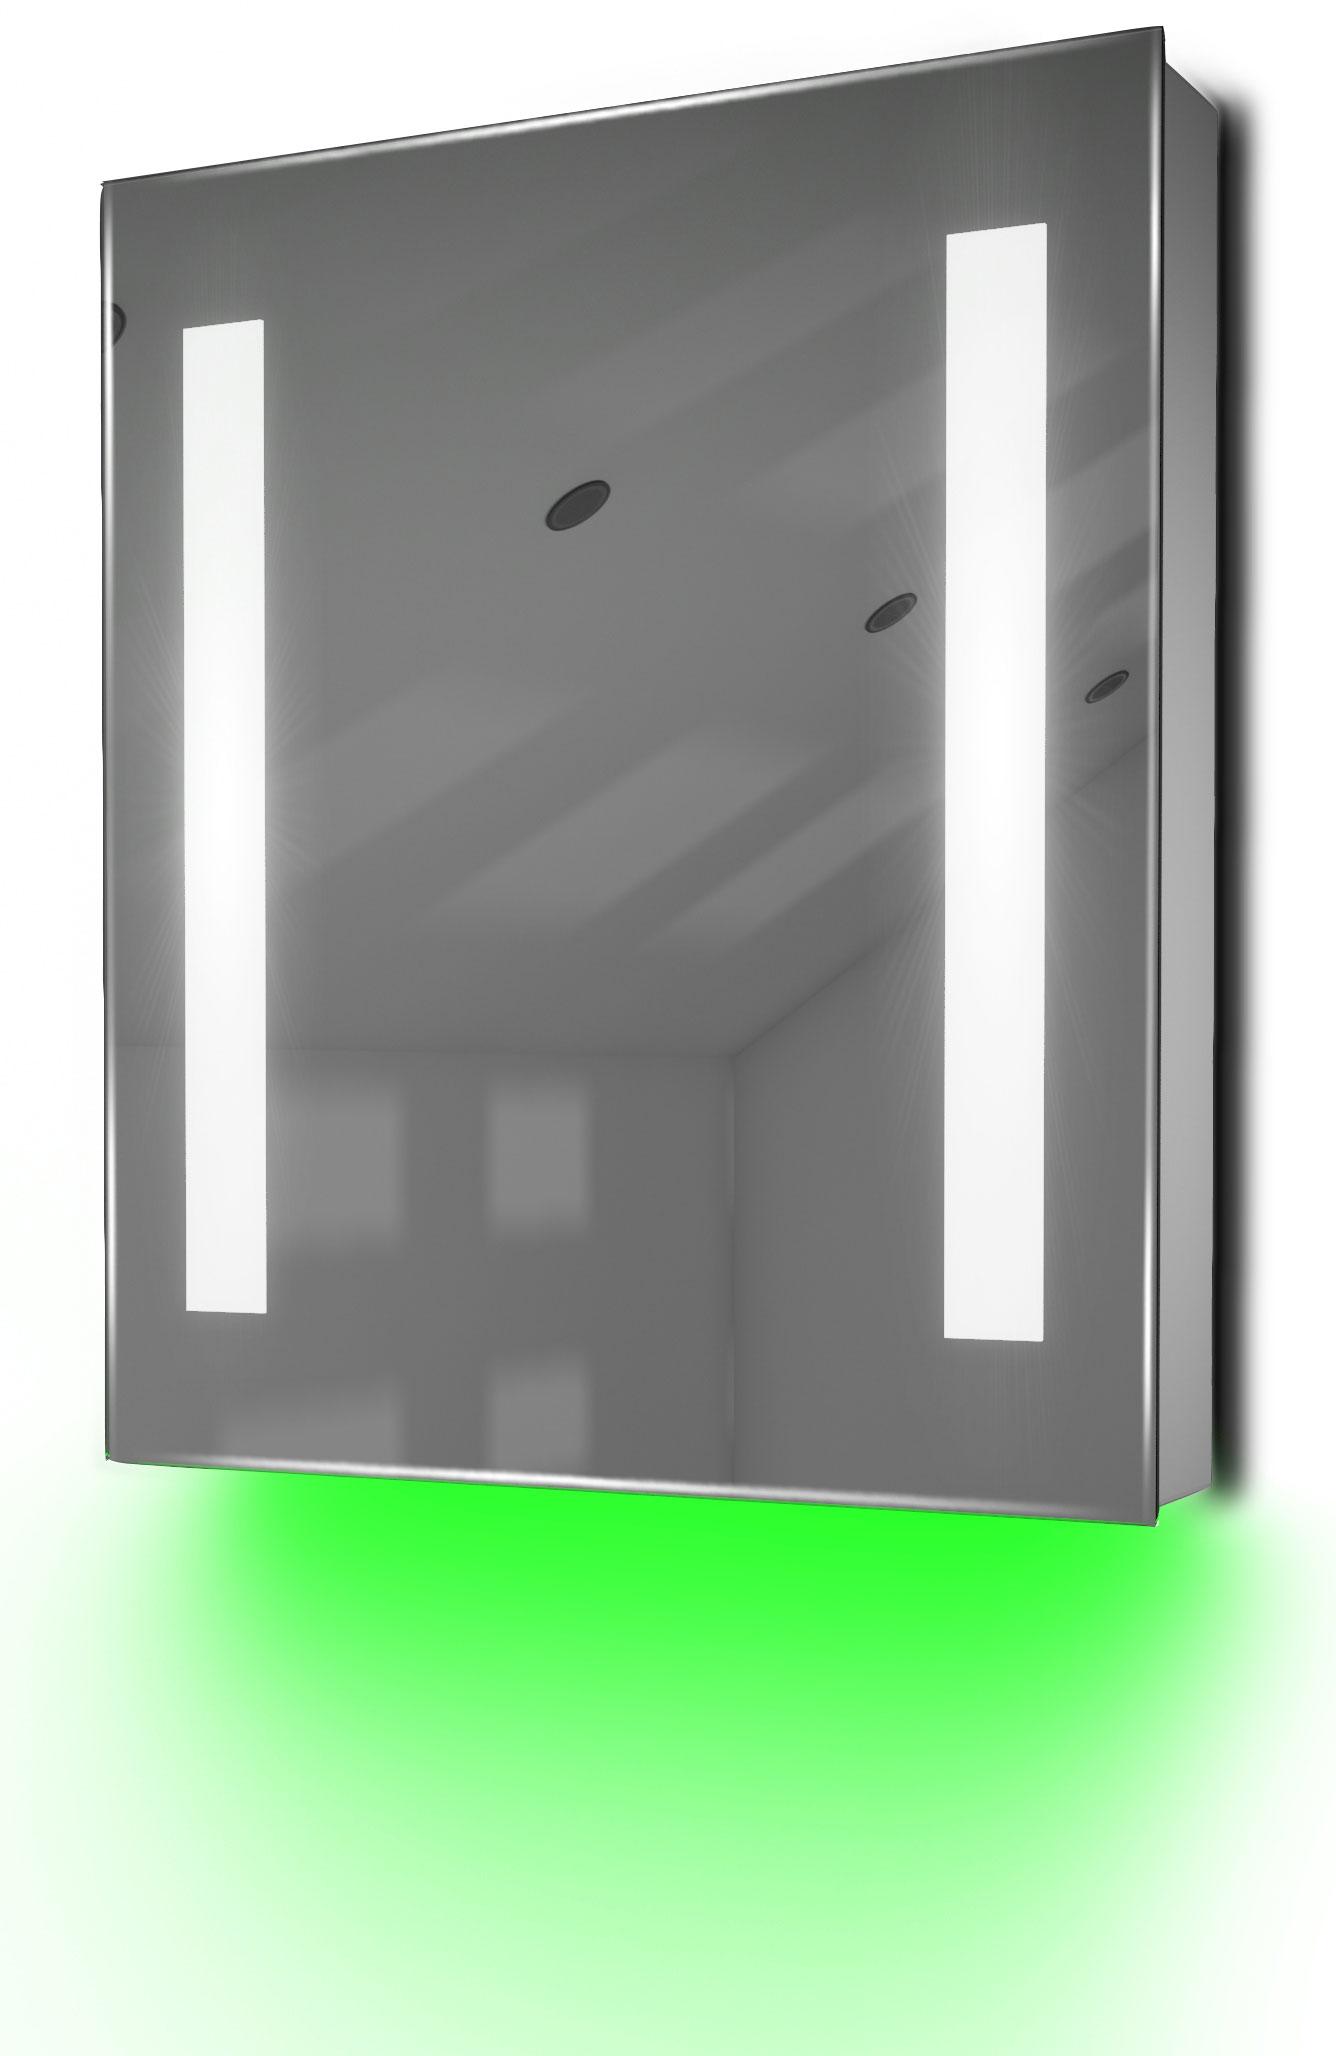 armoire de toilette anti bu e avec capteur et prise rasoir int rieure k78g ebay. Black Bedroom Furniture Sets. Home Design Ideas